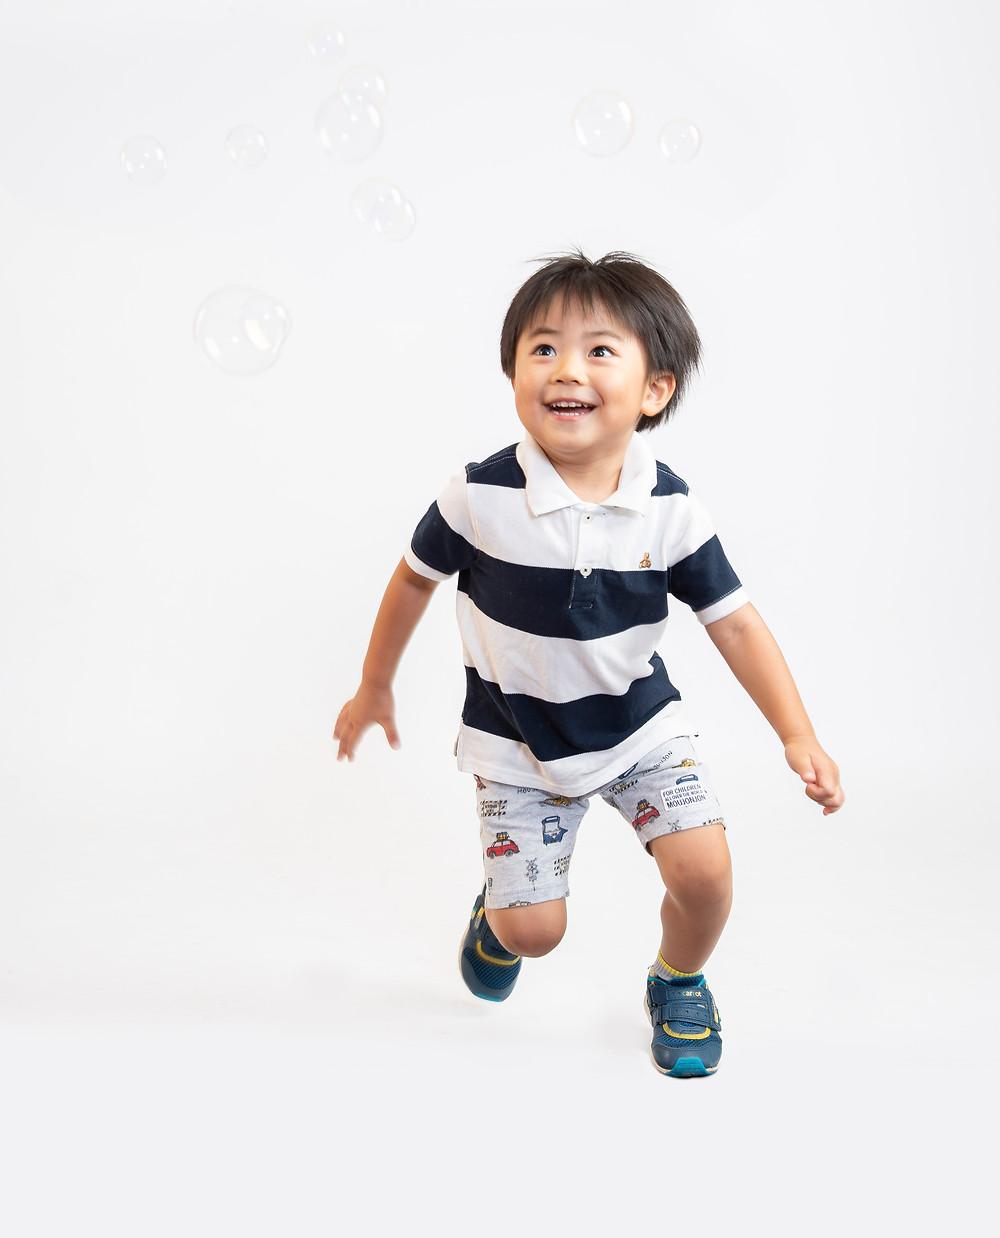 川口市 写真館 蕨 戸田 写真スタジオ 子供記念写真